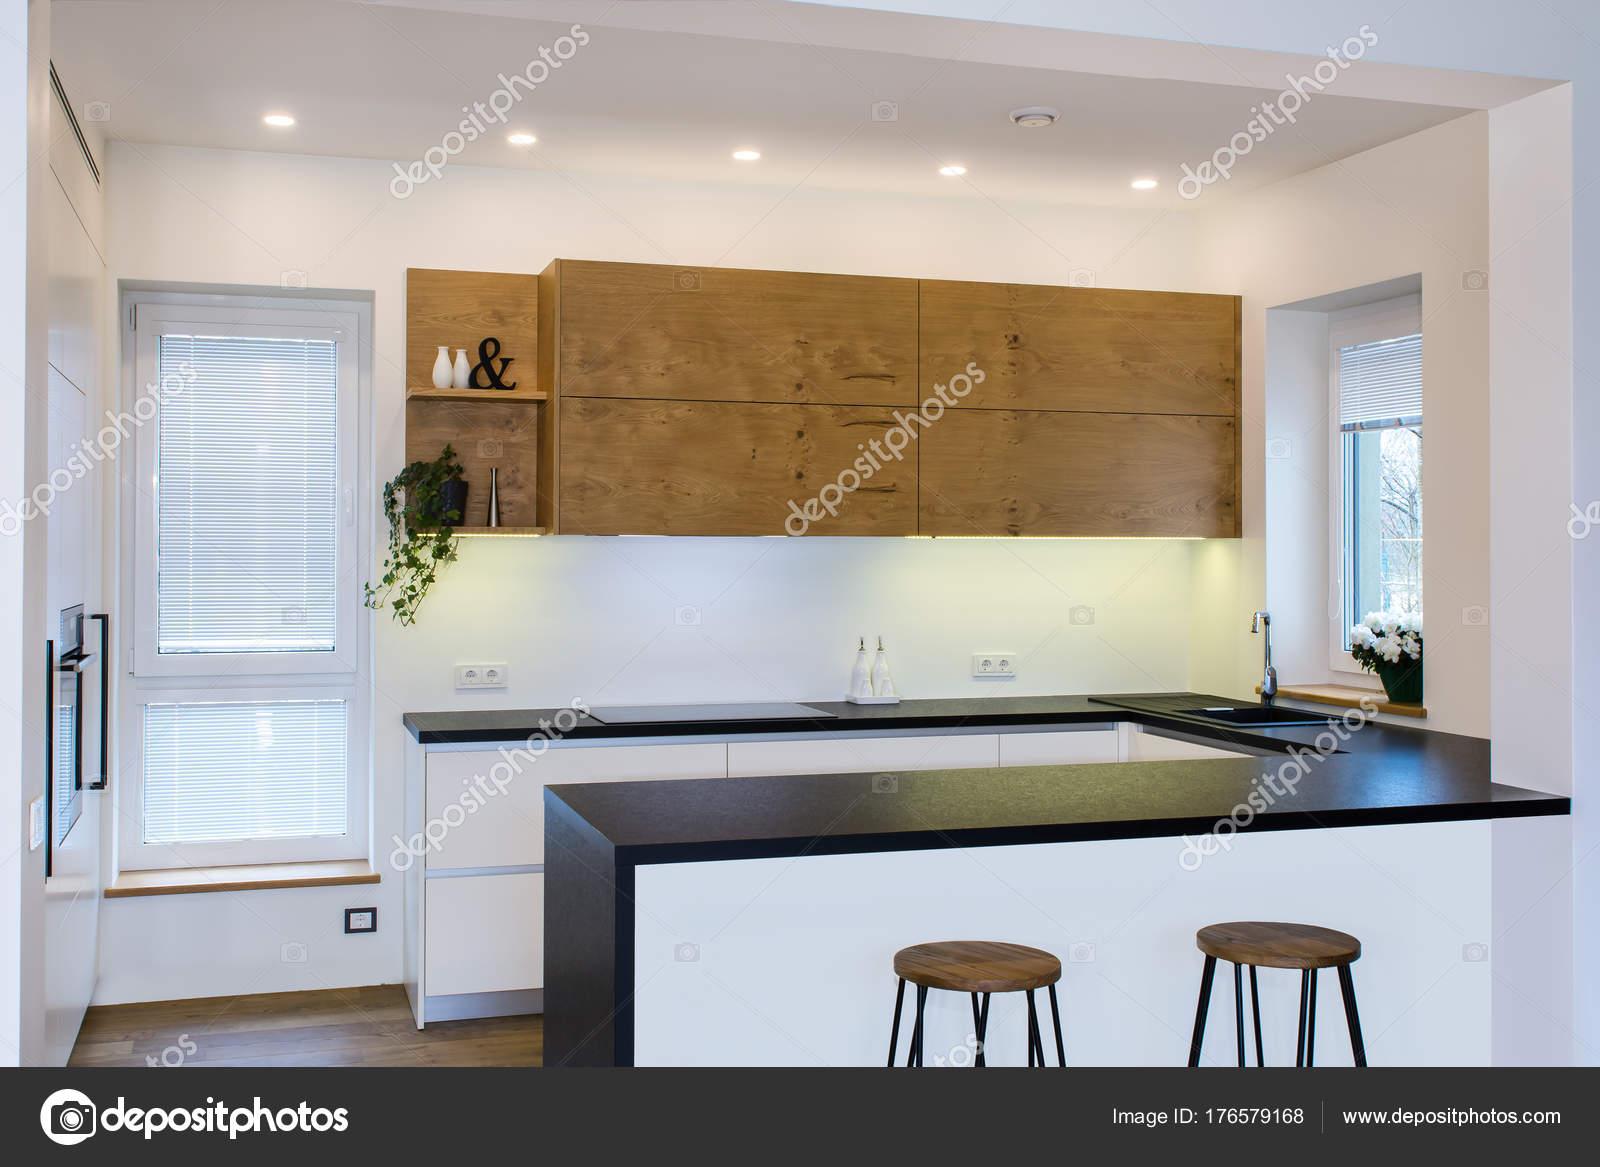 Het design van moderne keuken lichte interieur met houten accenten